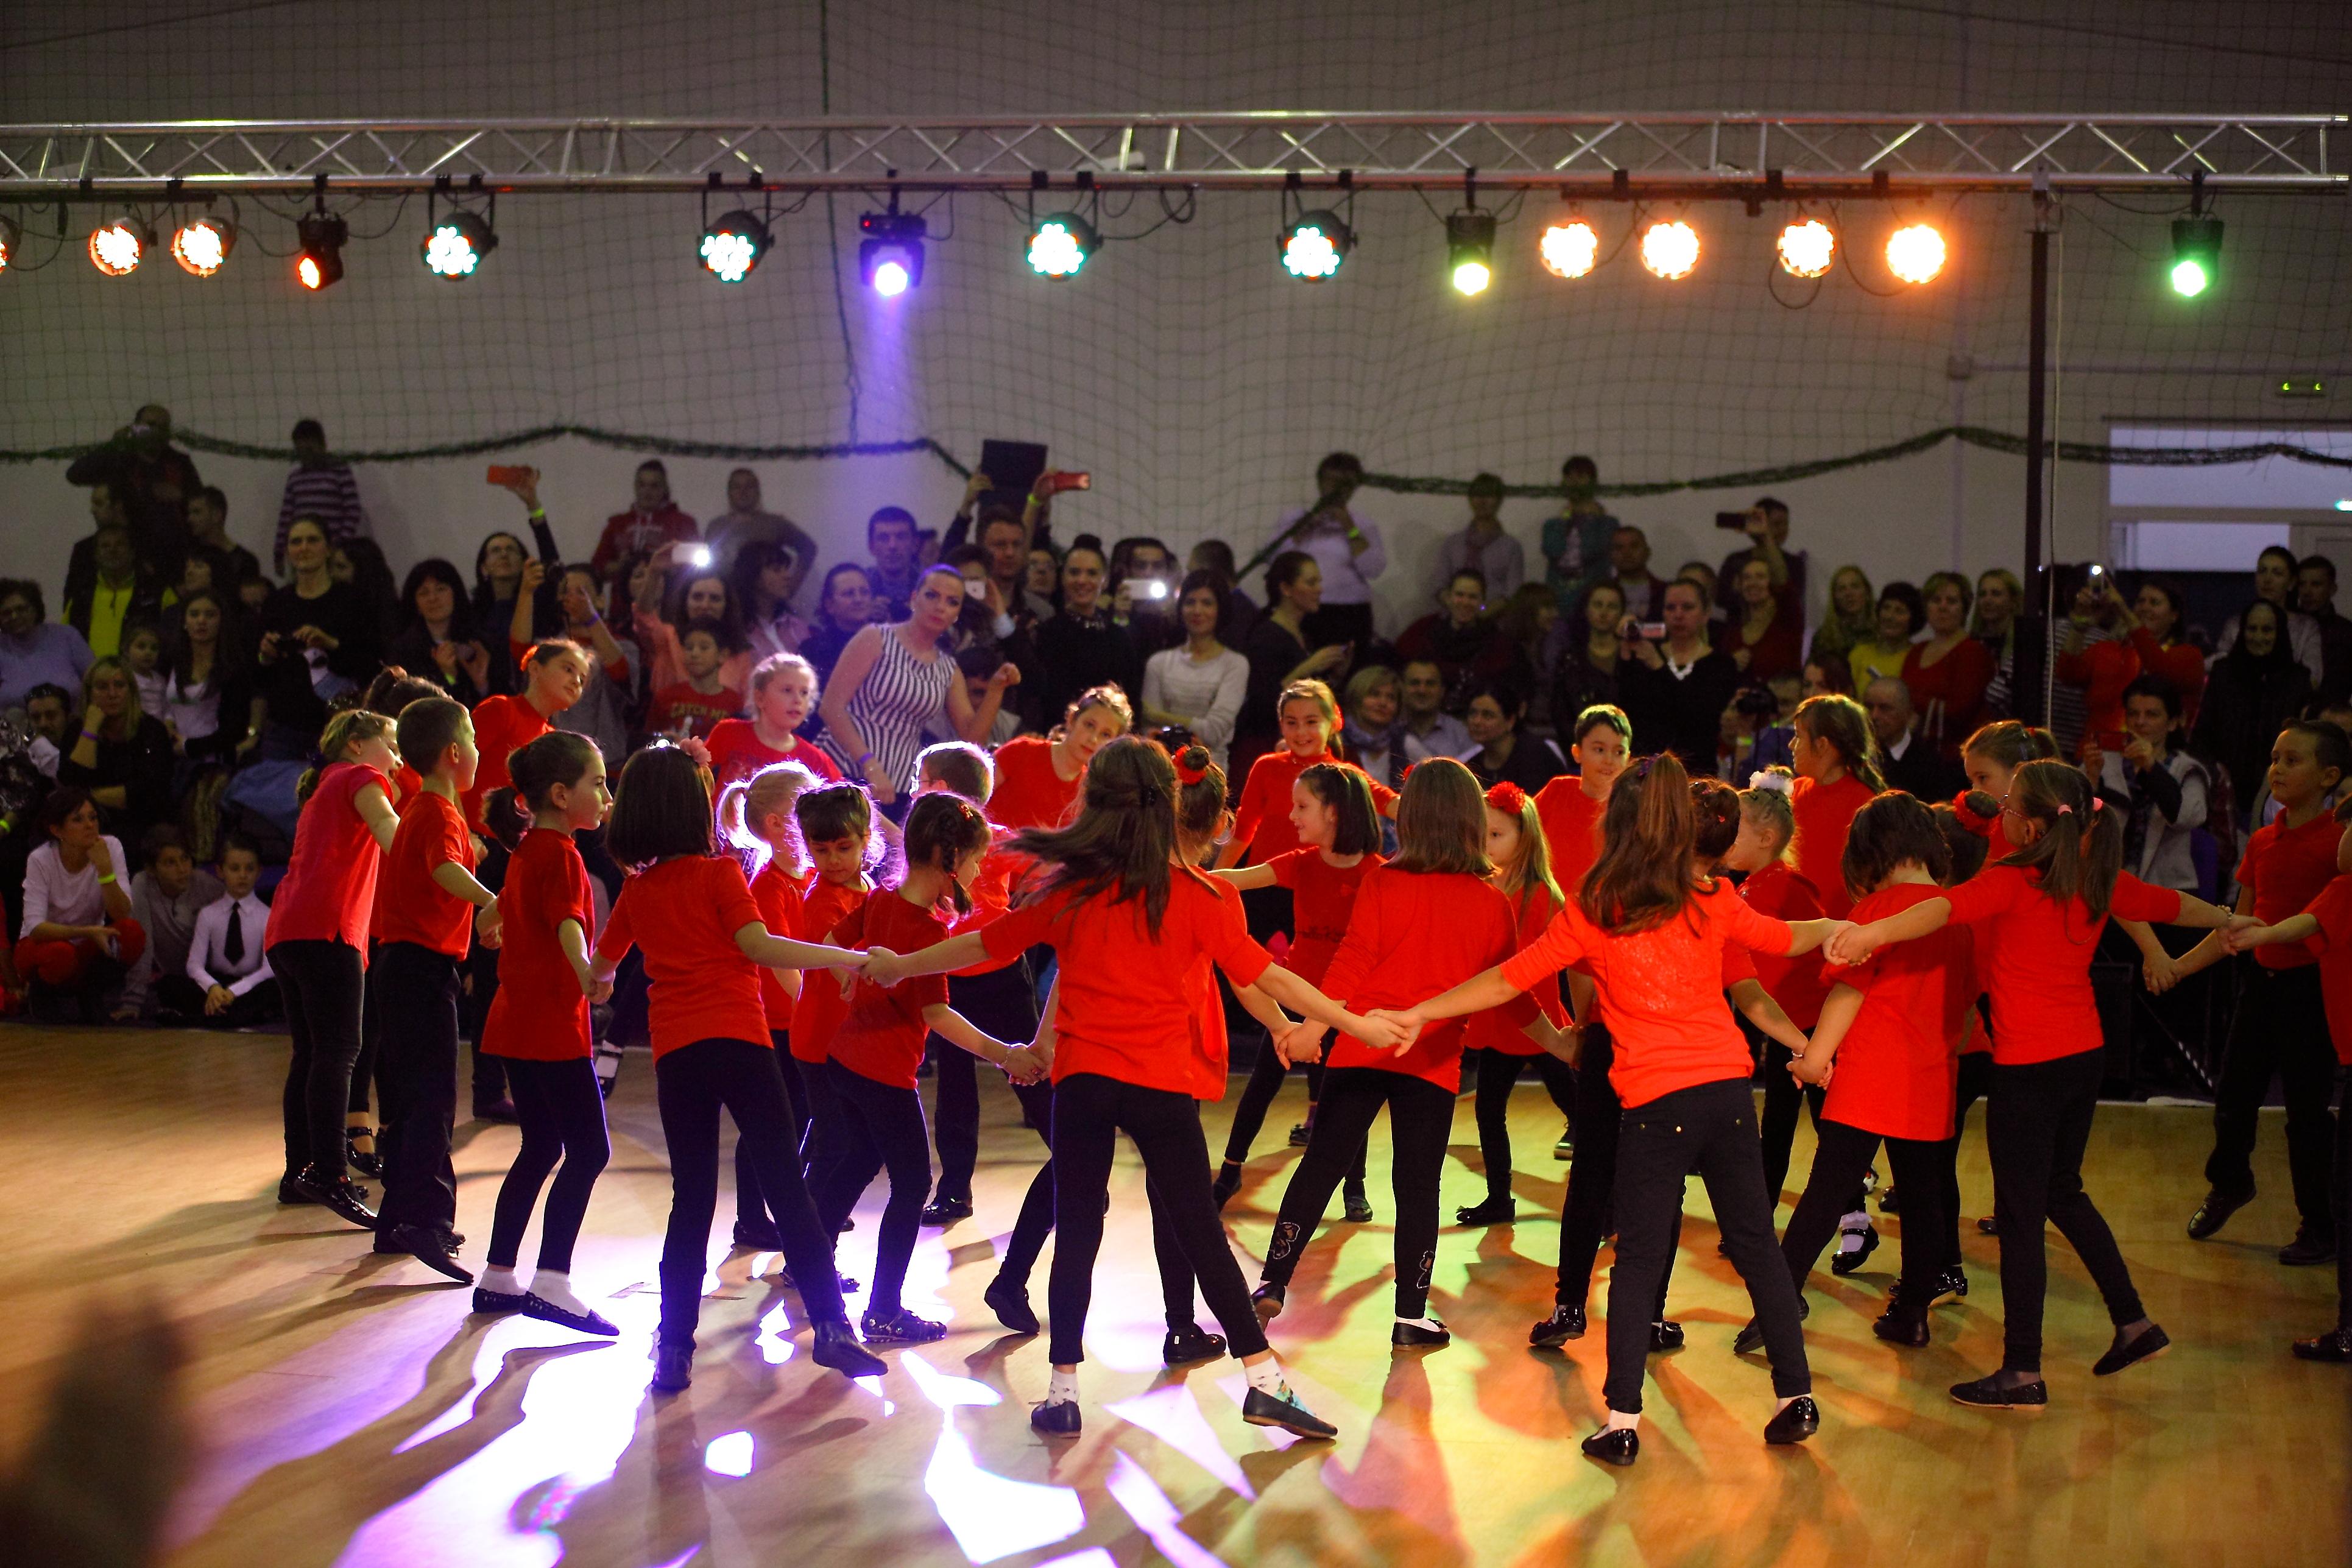 Bilanț Prodance2000 pentru 2015: 60 de medalii și sute de dansatori fericiți